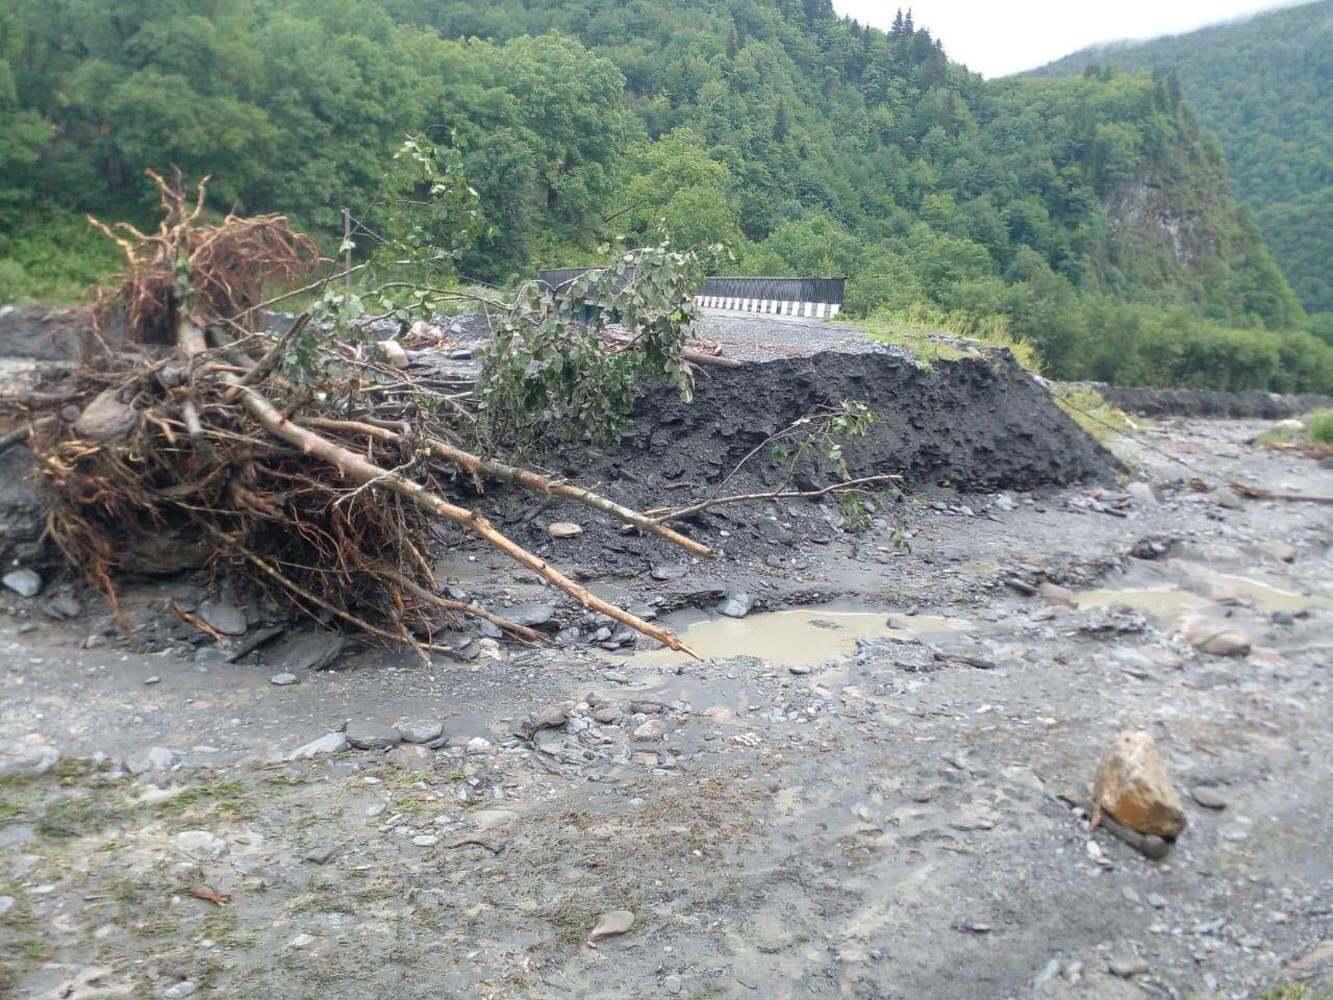 У Грузії потужні зливи руйнують дороги мости і міста (ФОТО) - фото 4